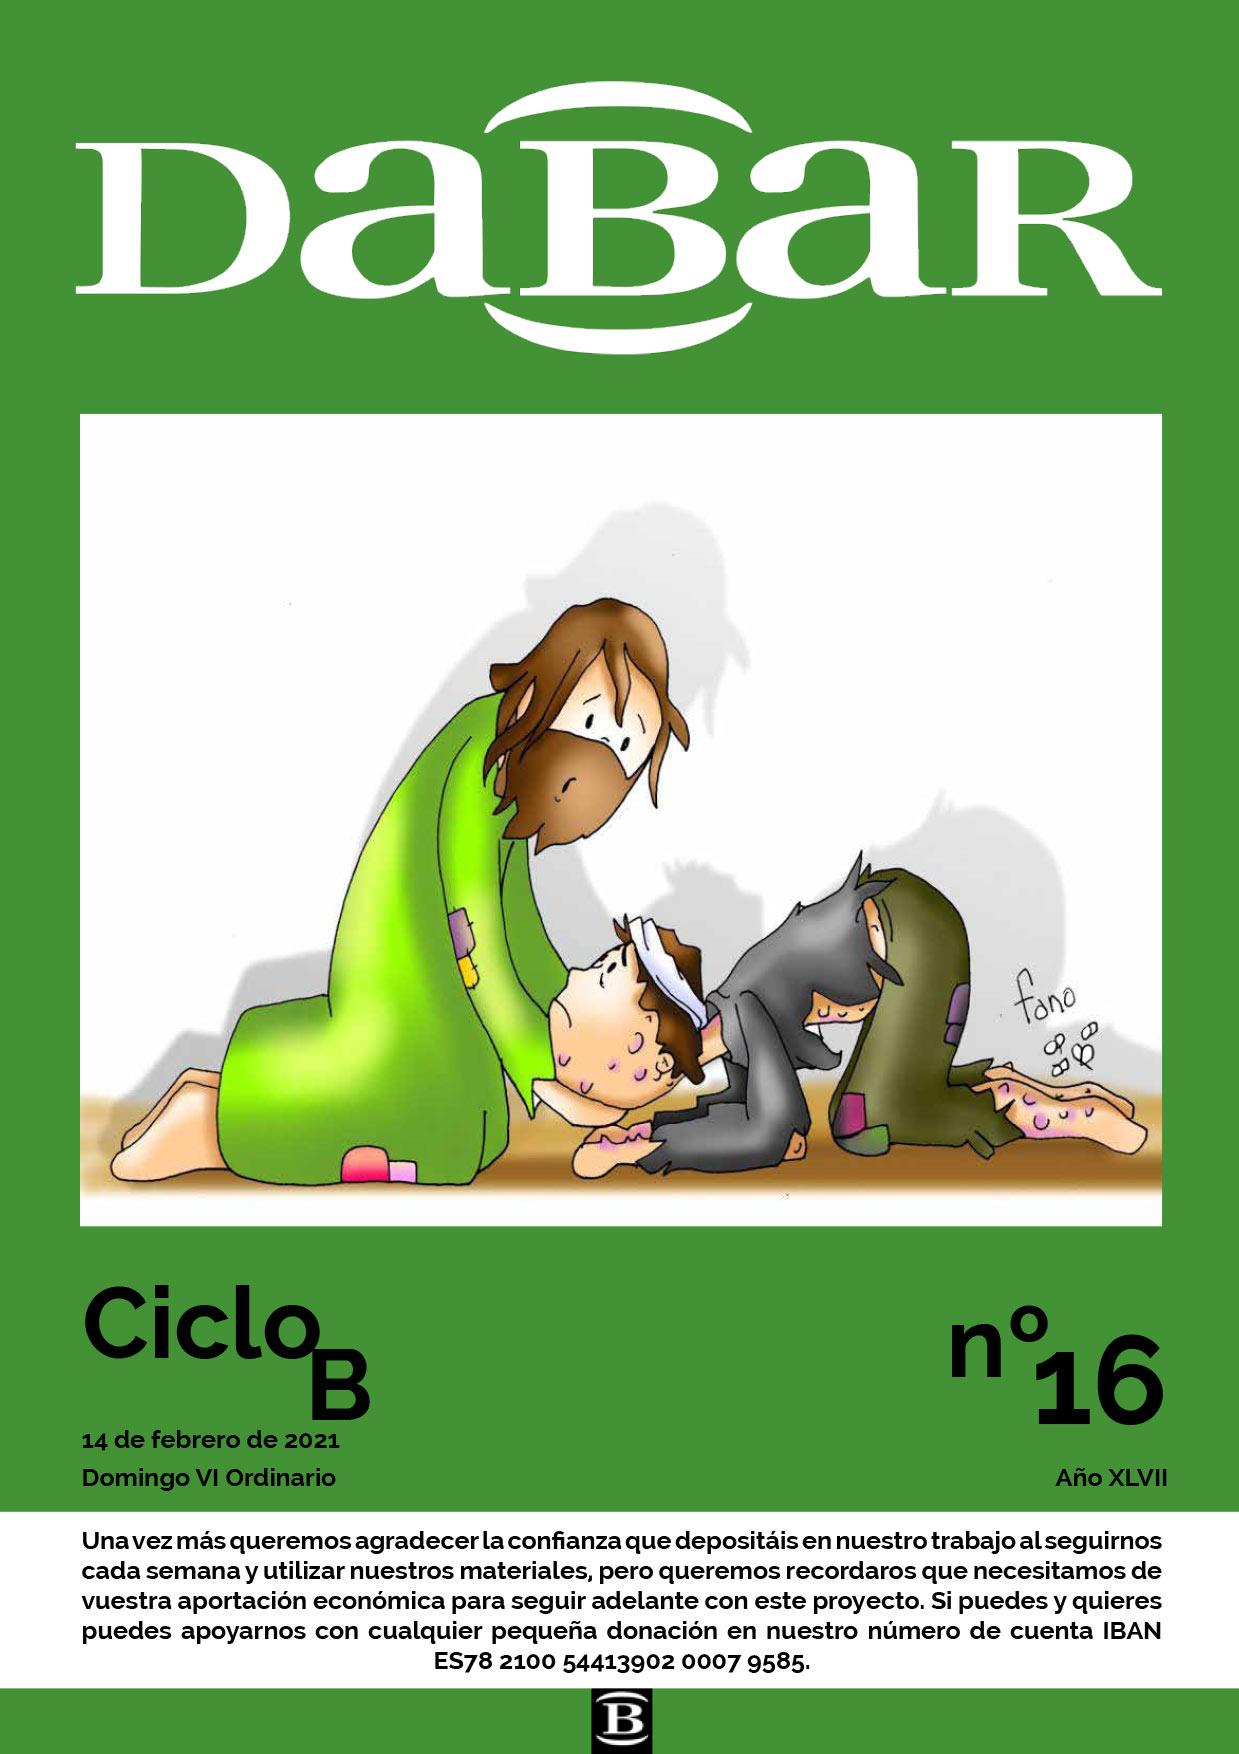 Dabar Revista número 16 ciclo B